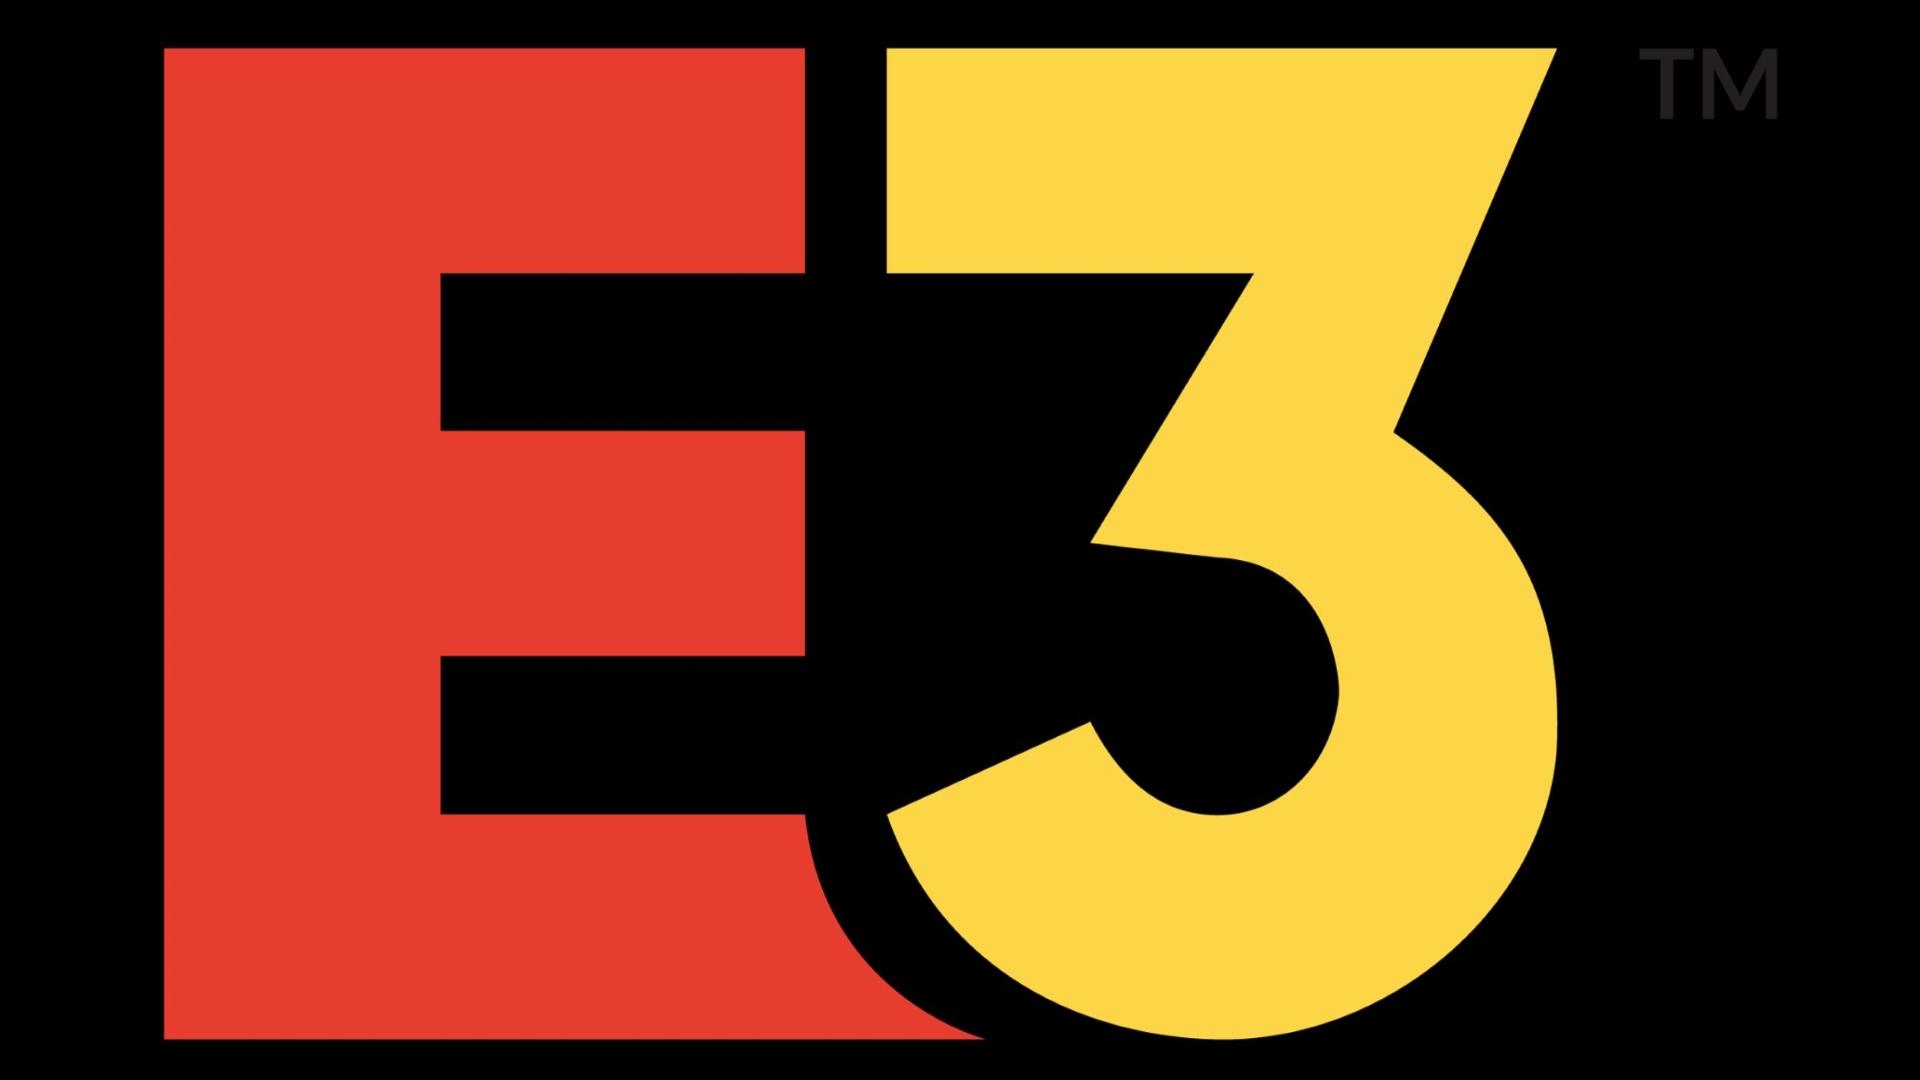 Looks like E3 2021 won't be a live event